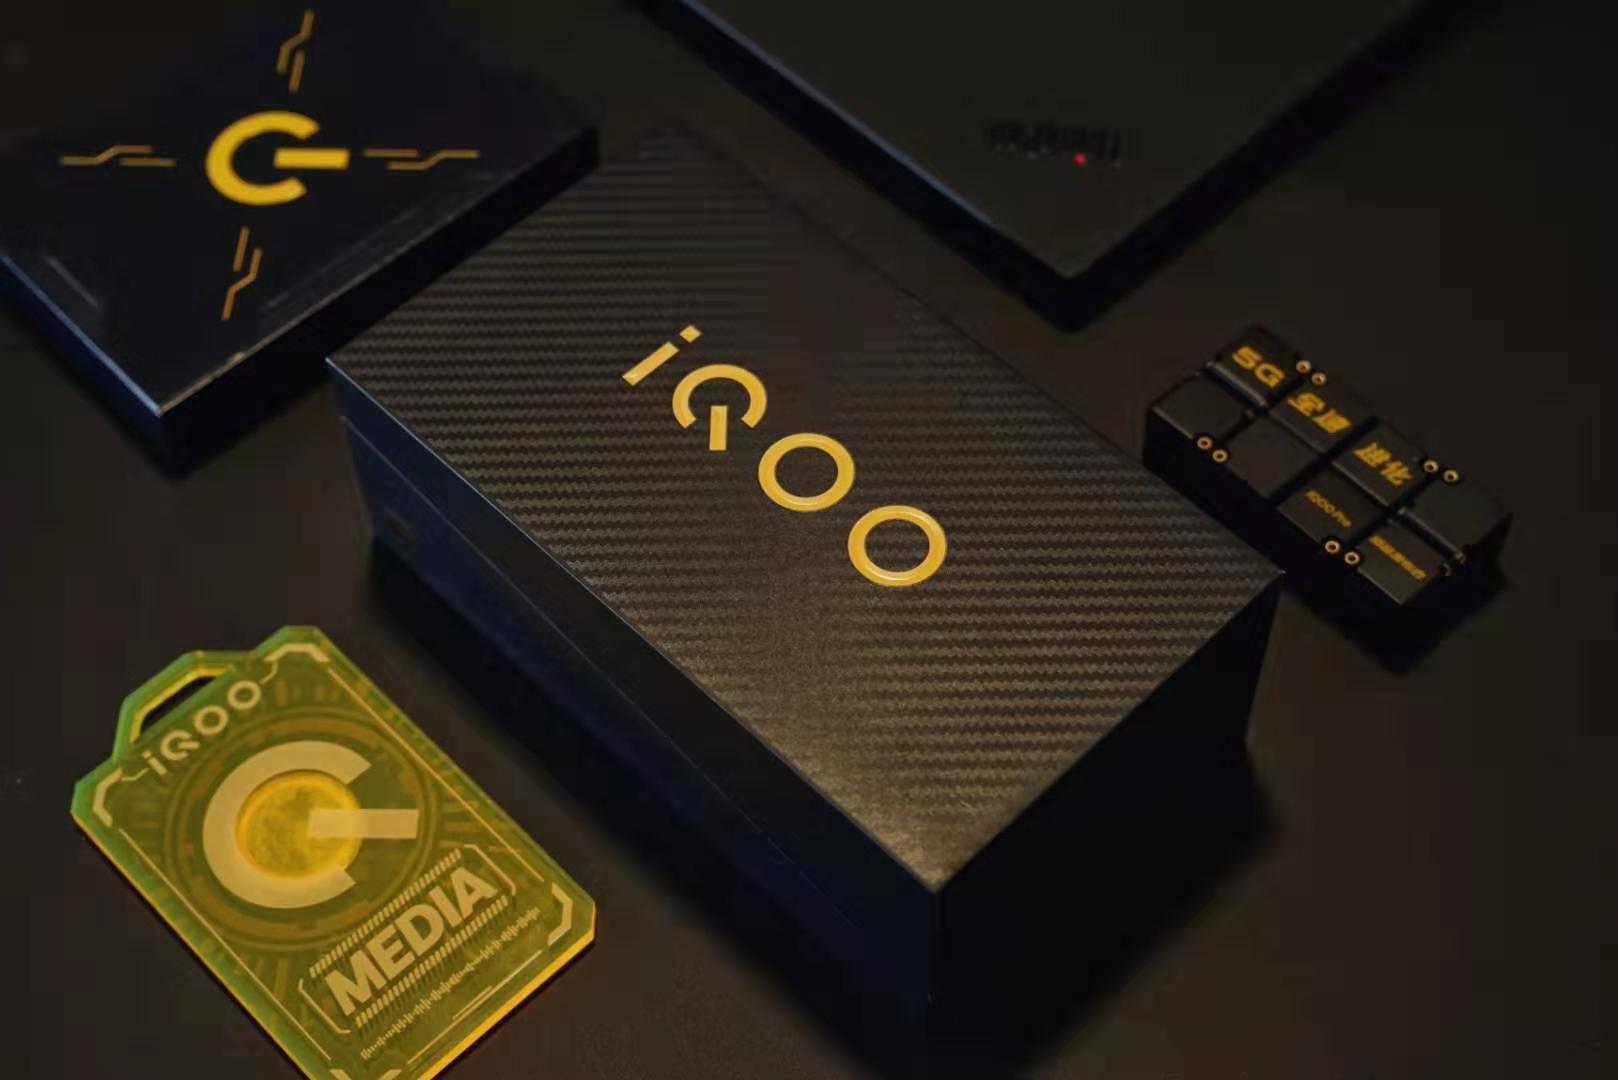 旗舰配置 游戏按键 全能NFC 这部5G手机全都有